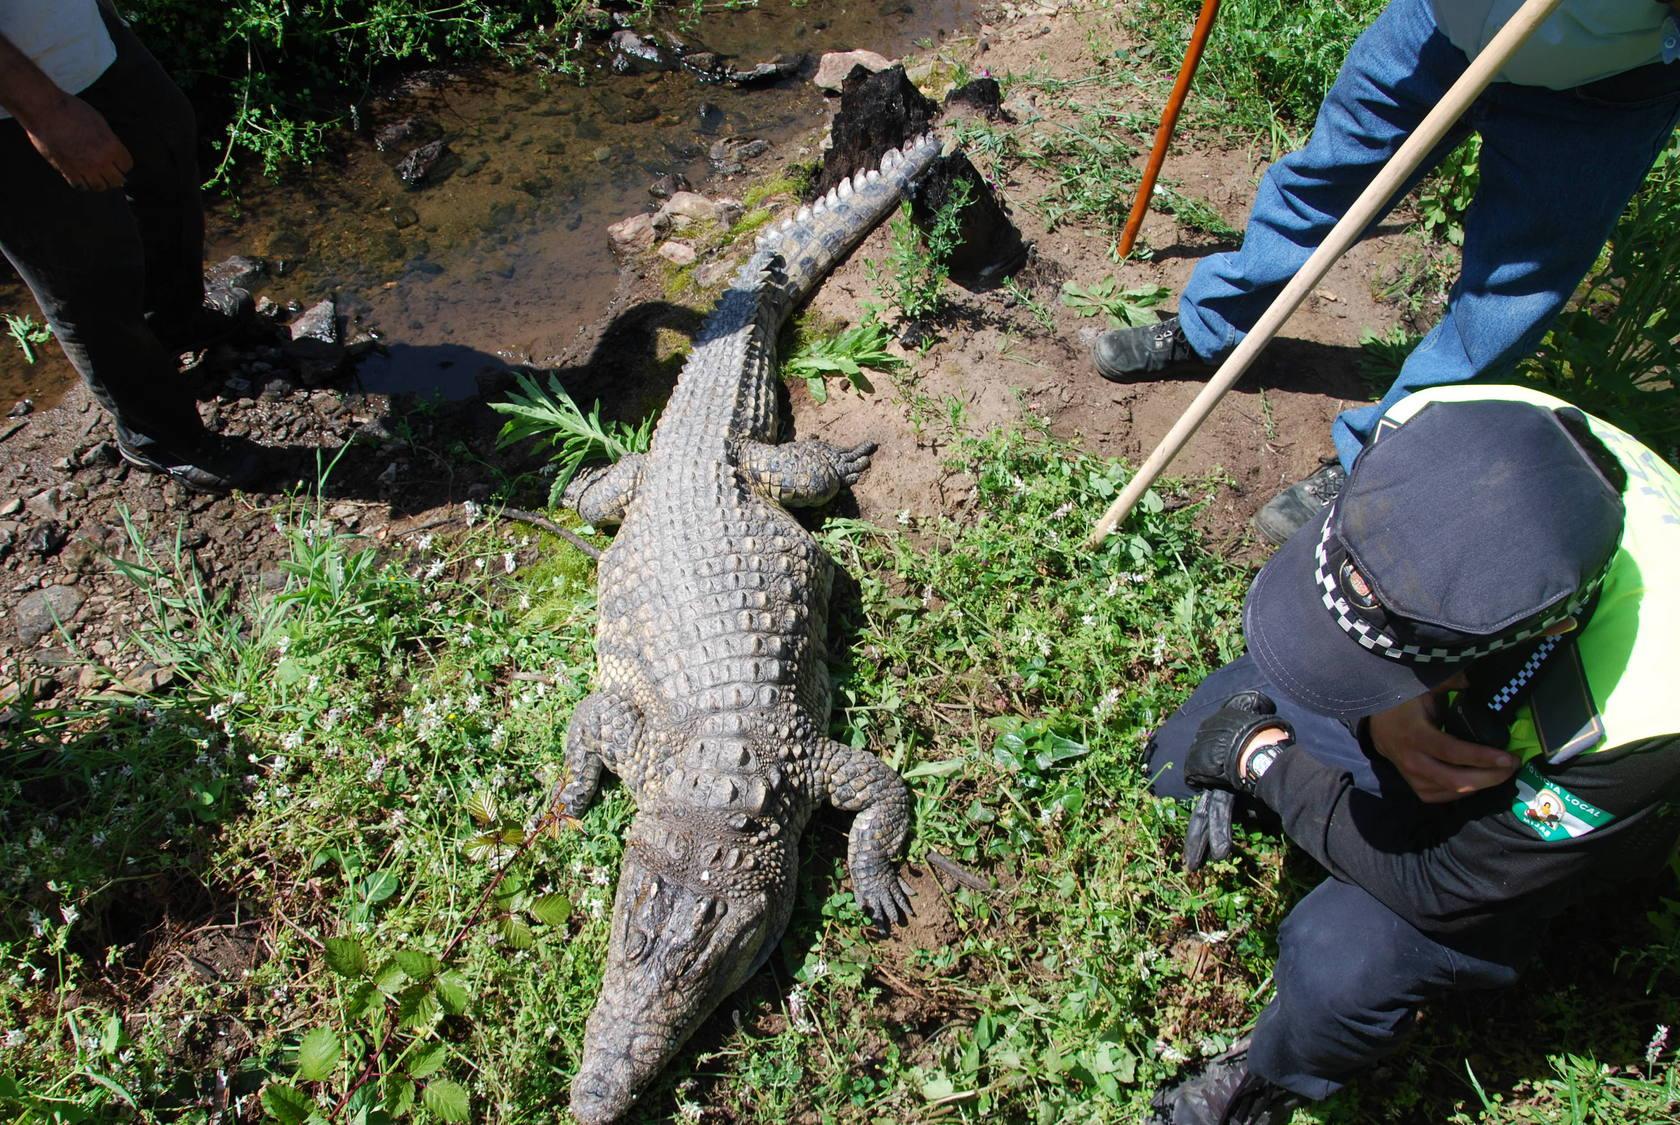 Hallan muerto al cocodrilo de la laguna de MIjas